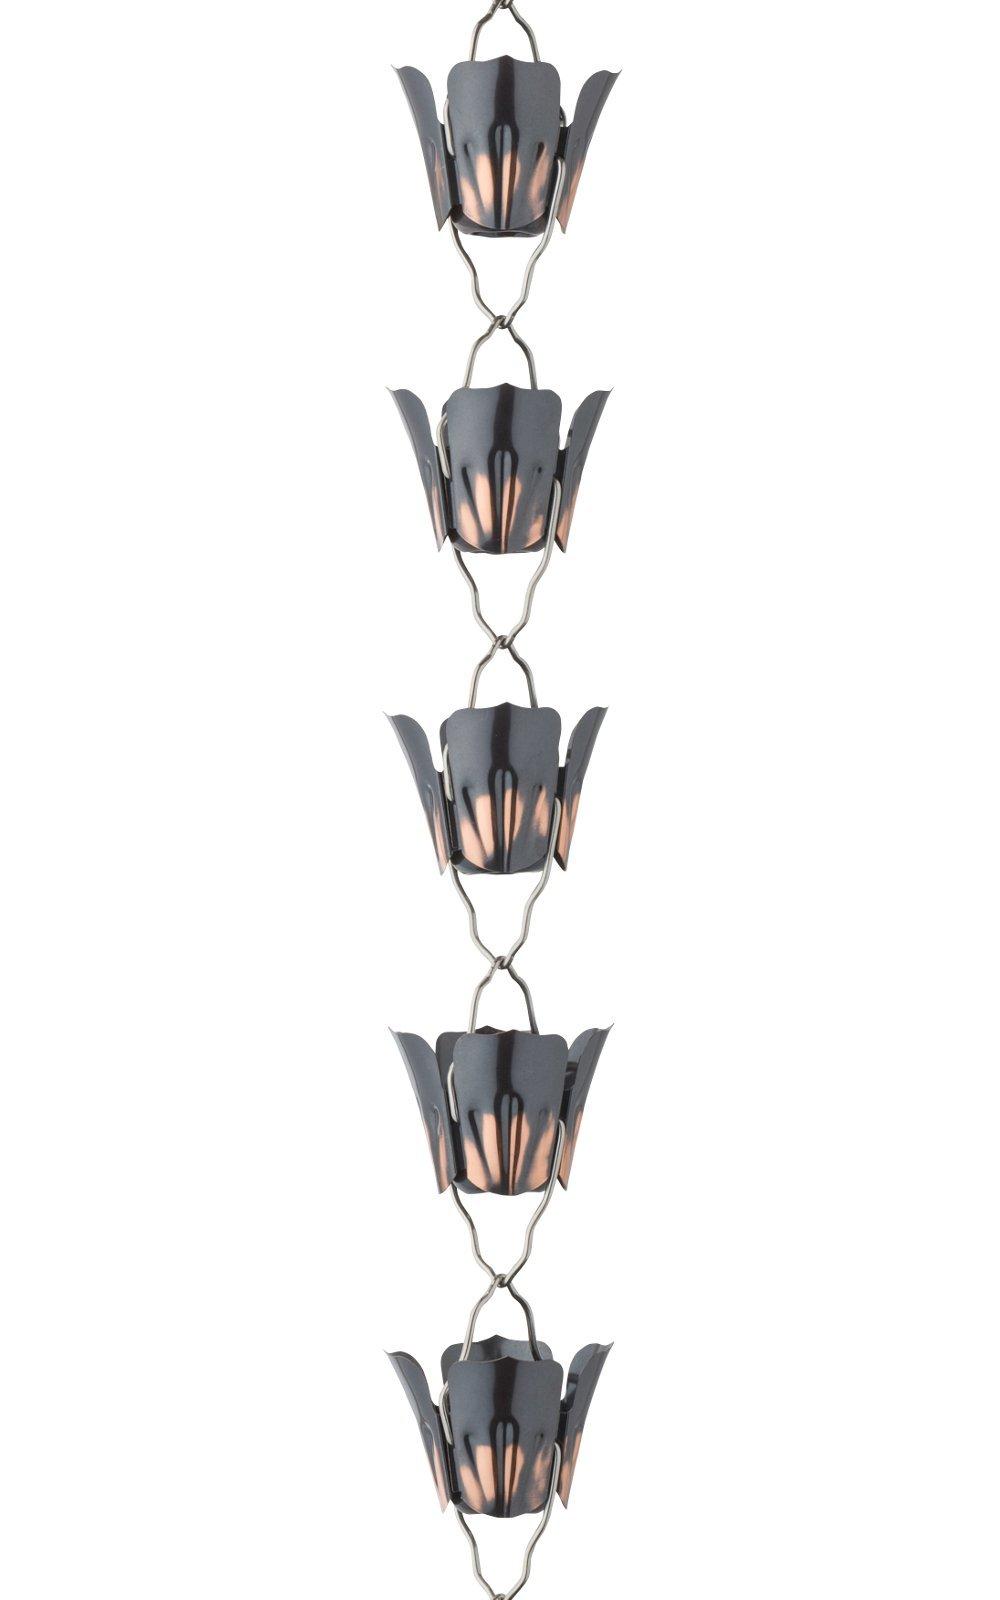 Migumo Rain Chain 9 Feet Length(Copper)